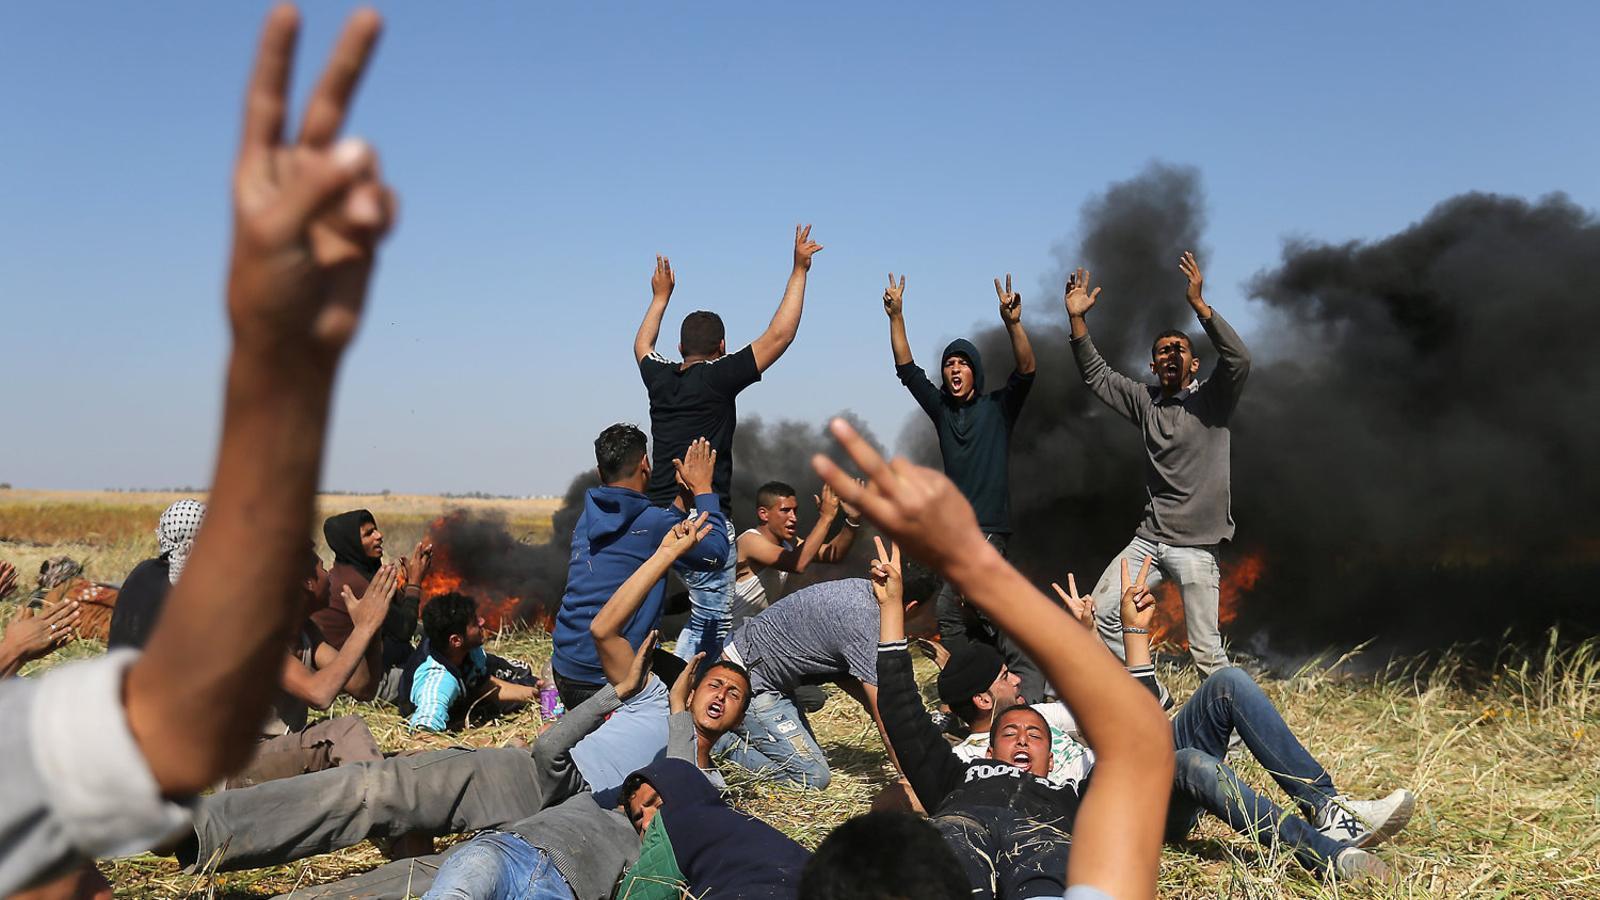 Els palestins mantenen la protesta pel dret al retorn malgrat la repressió